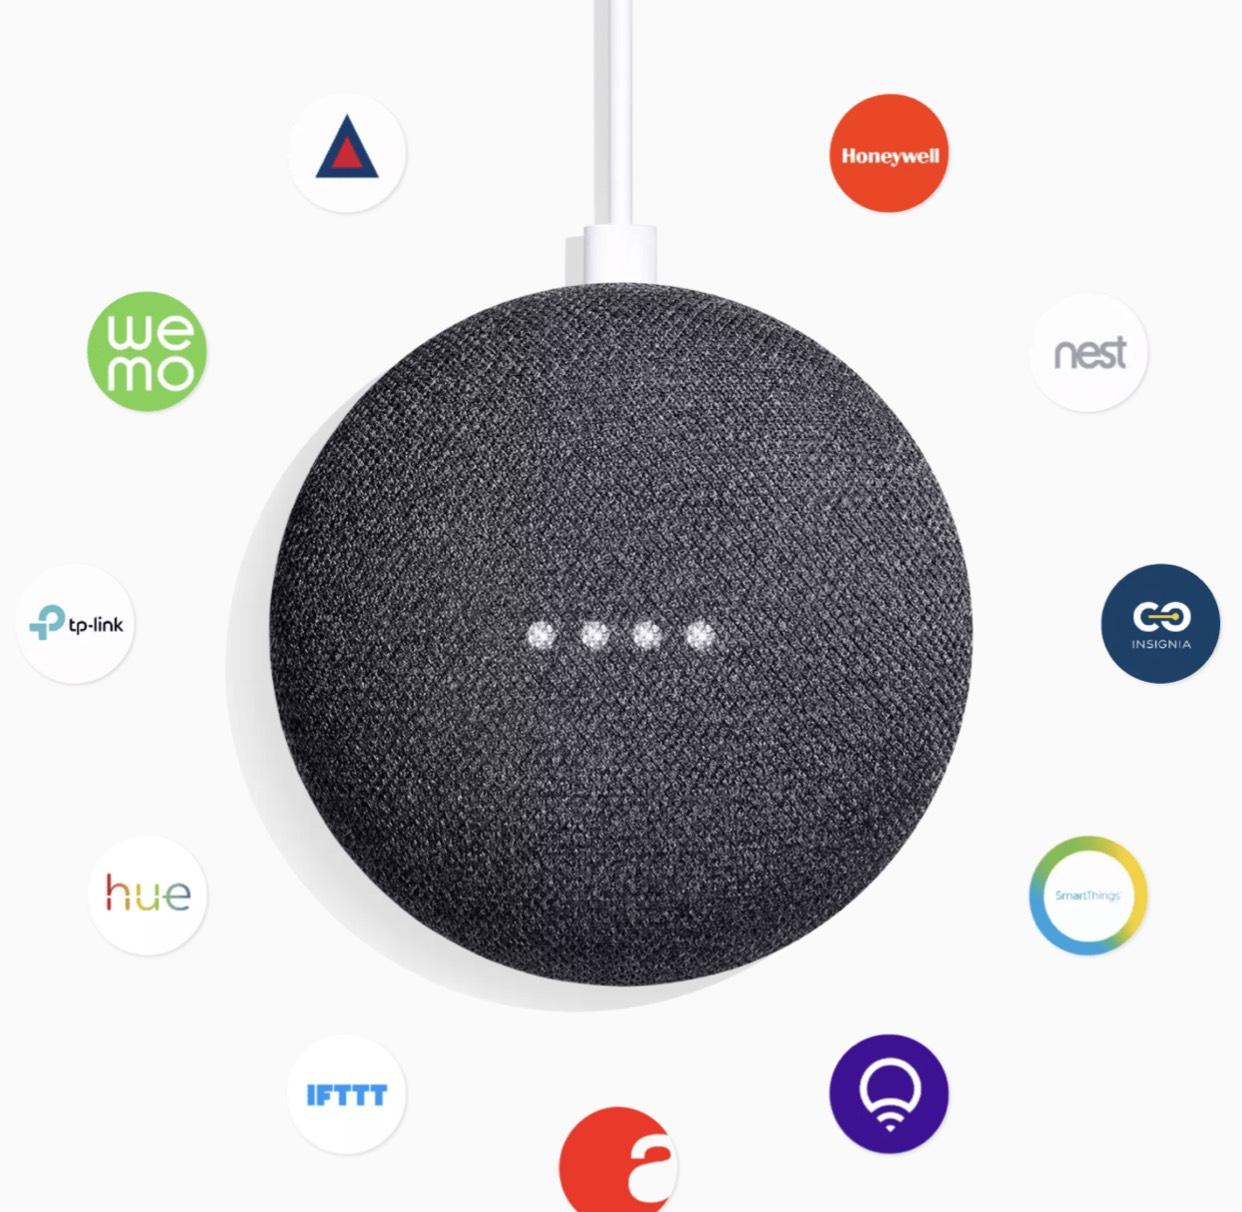 [Grensdeal DE] Google Home Mini Wit/Grijs @ Mediamarkt